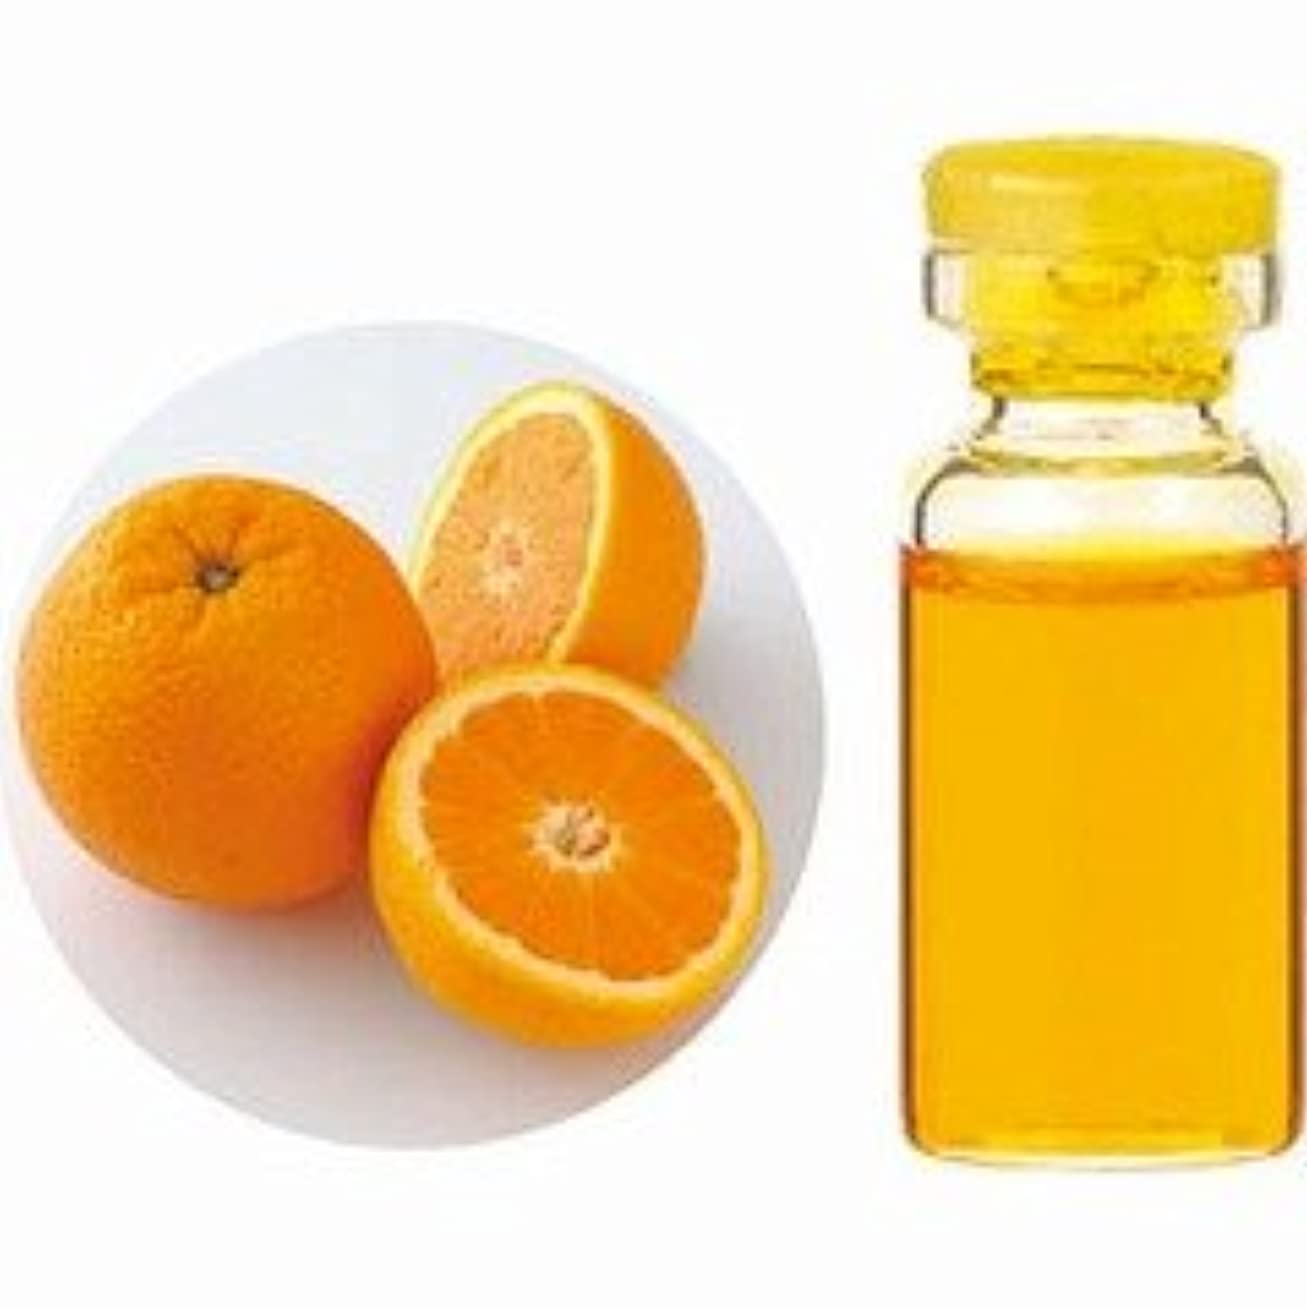 マイクプログレッシブリングバックエッセンシャルオイル(精油) オレンジスイート 10ml 【生活の木】